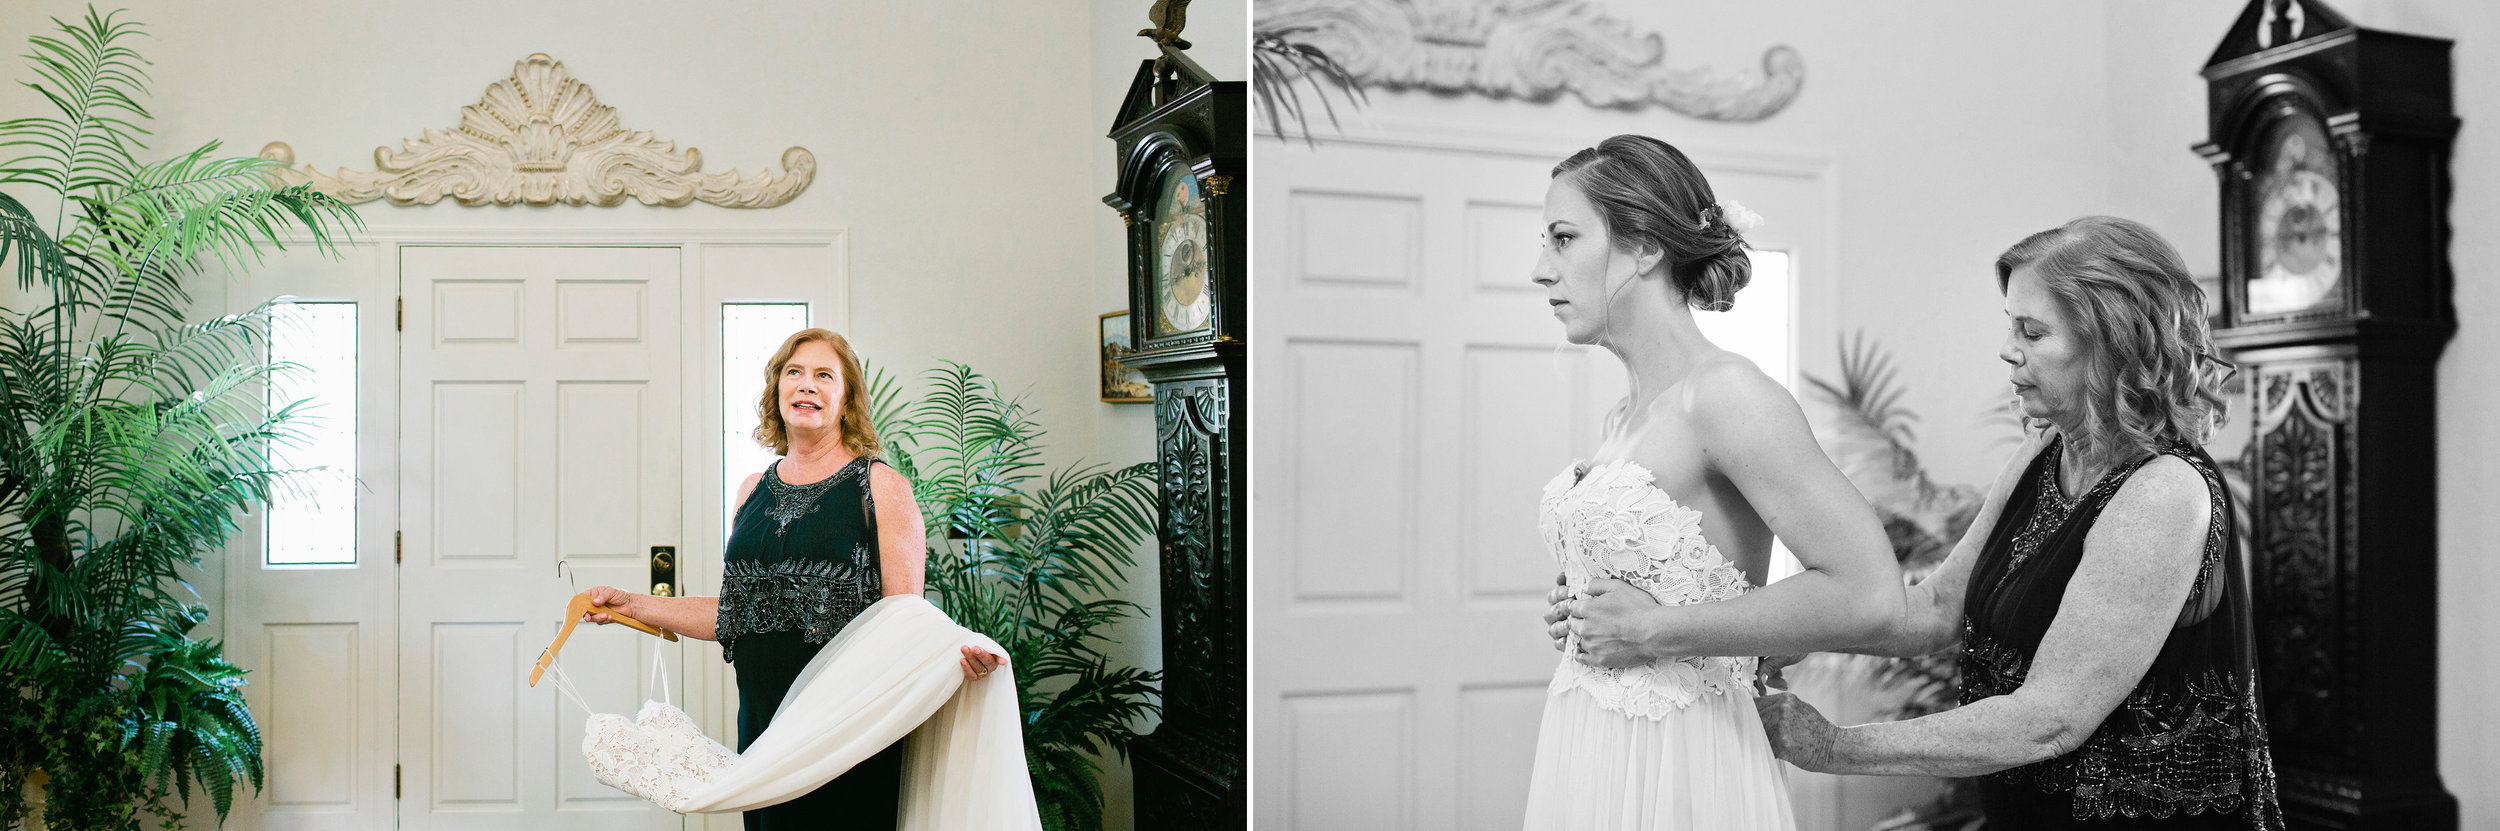 Wedding-Private-Home-South-Bay-10 copy.jpg